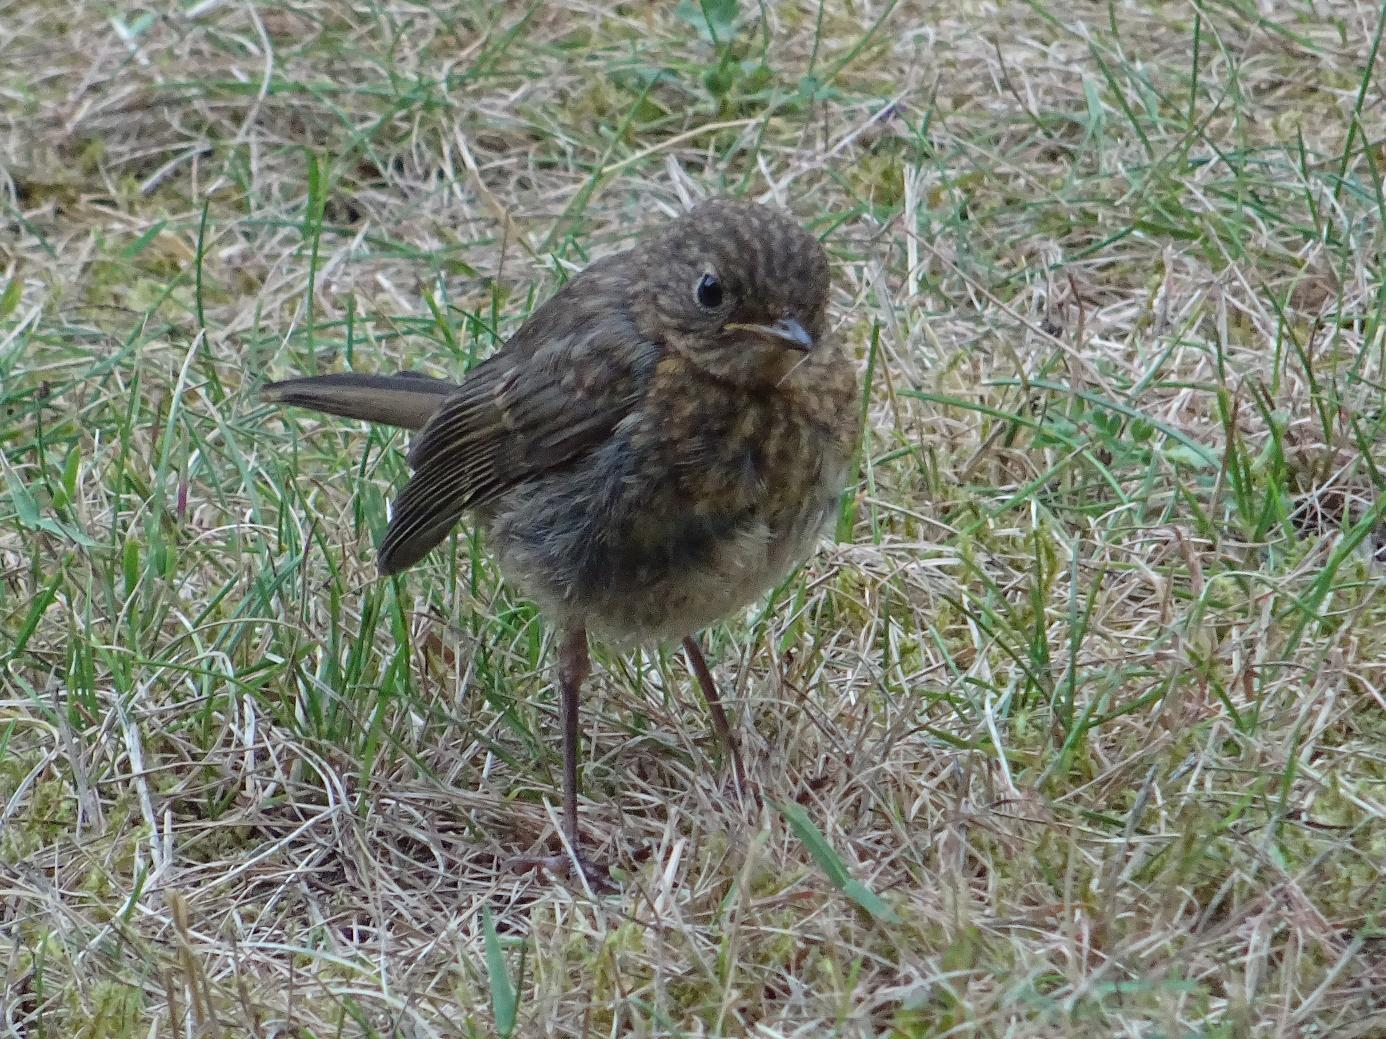 Afbeelding met gras, buiten, vogel, staand  Automatisch gegenereerde beschrijving